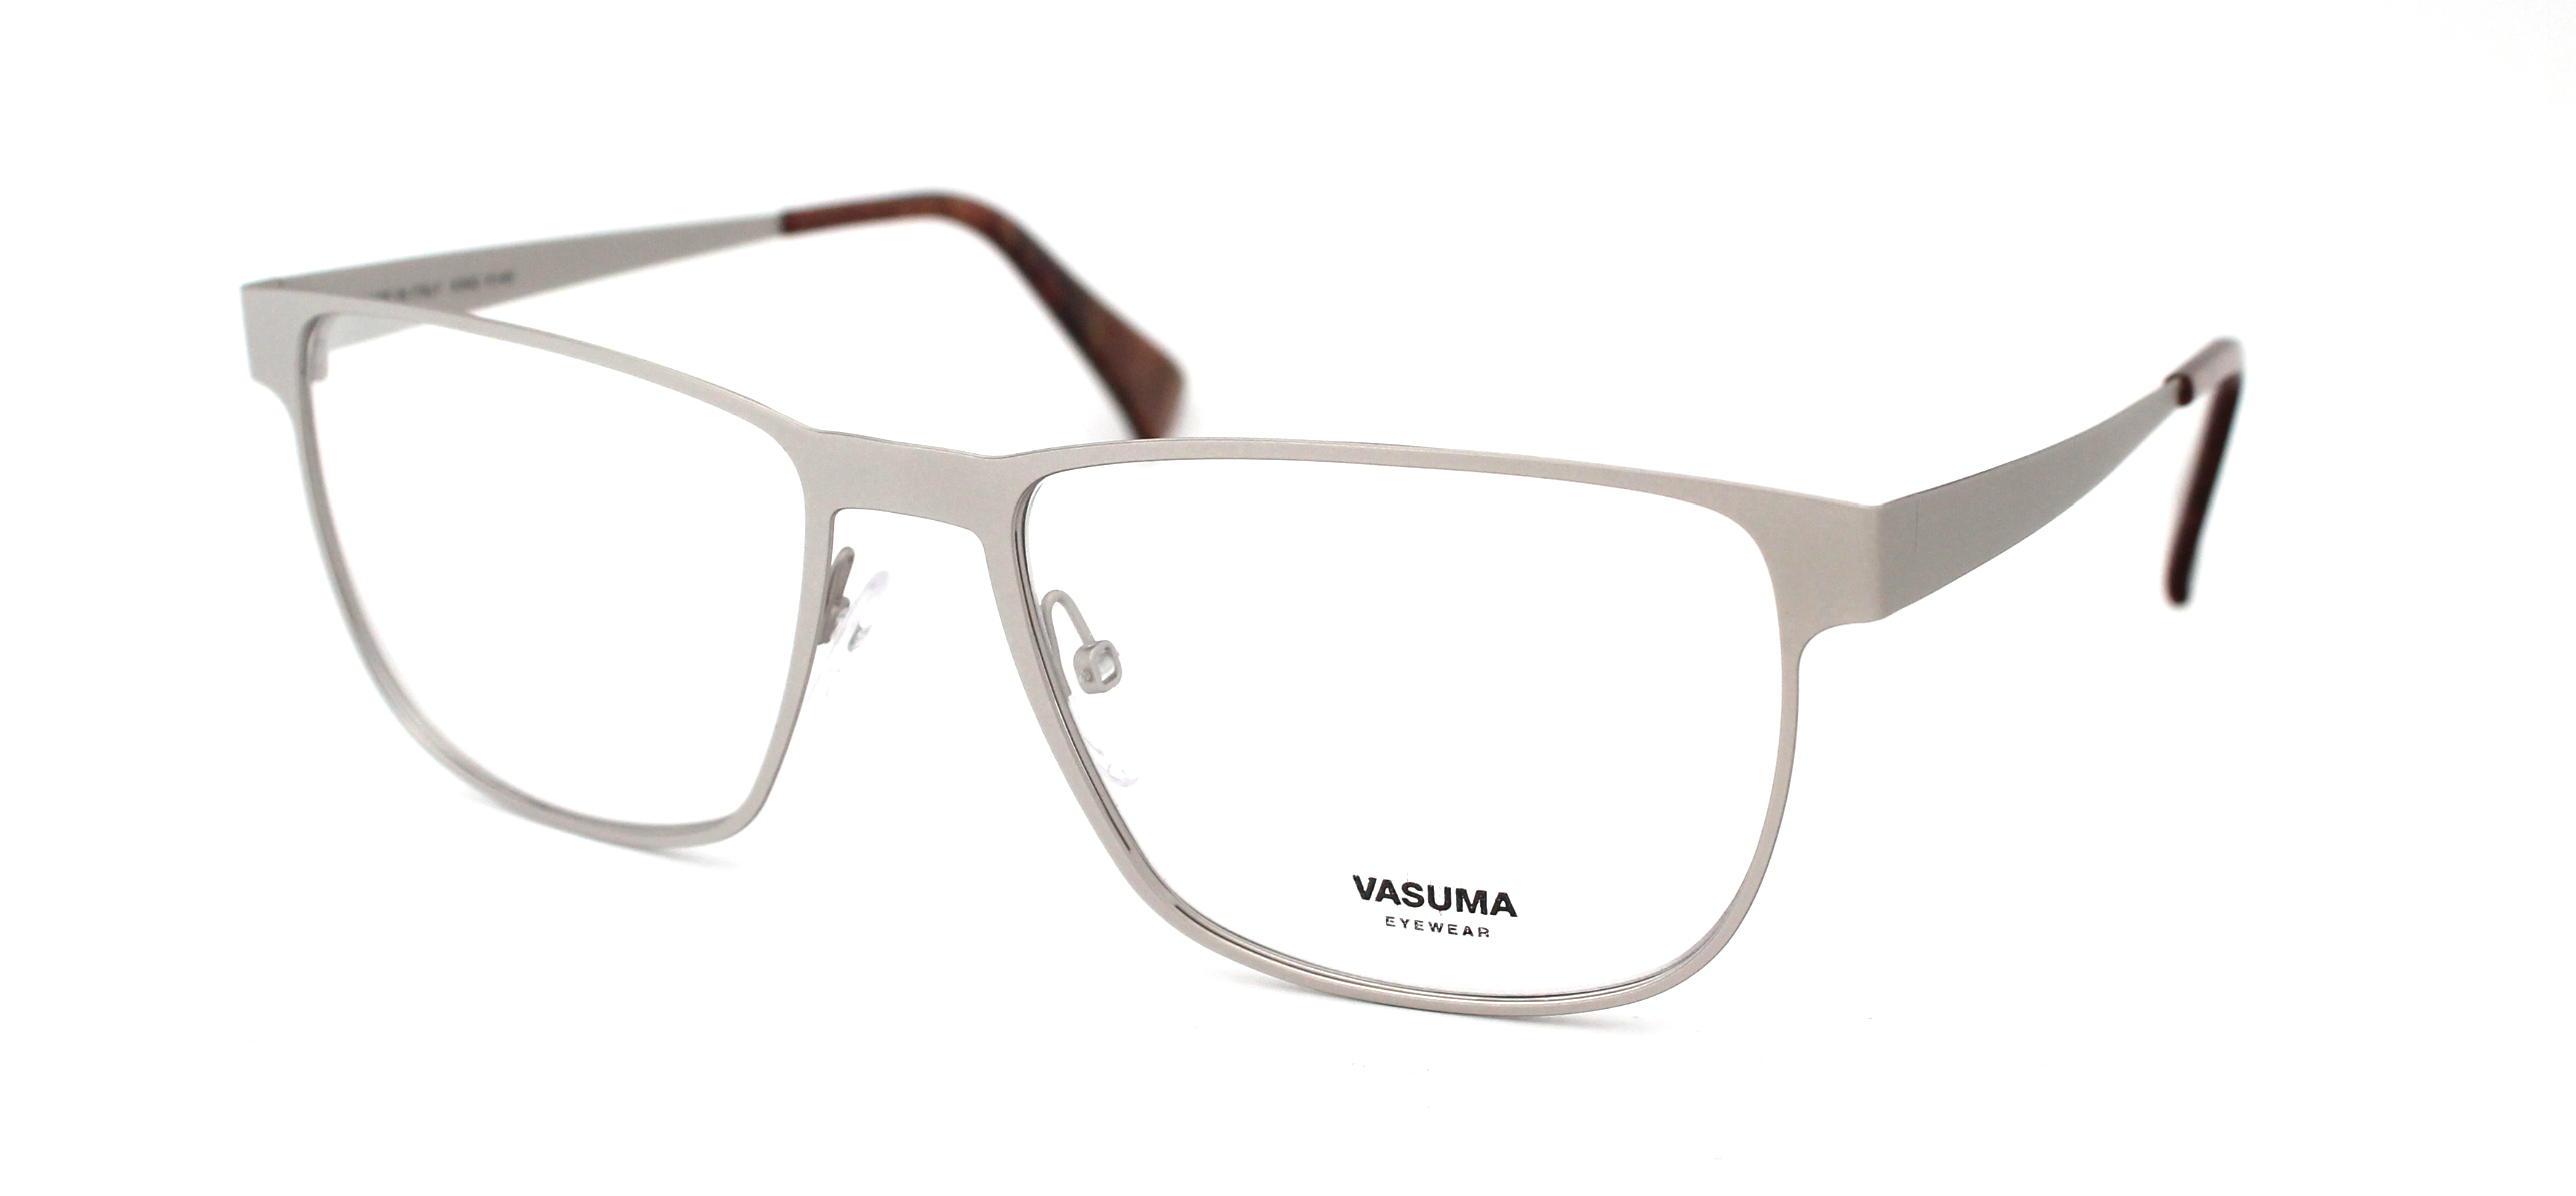 Vasuma - King K140